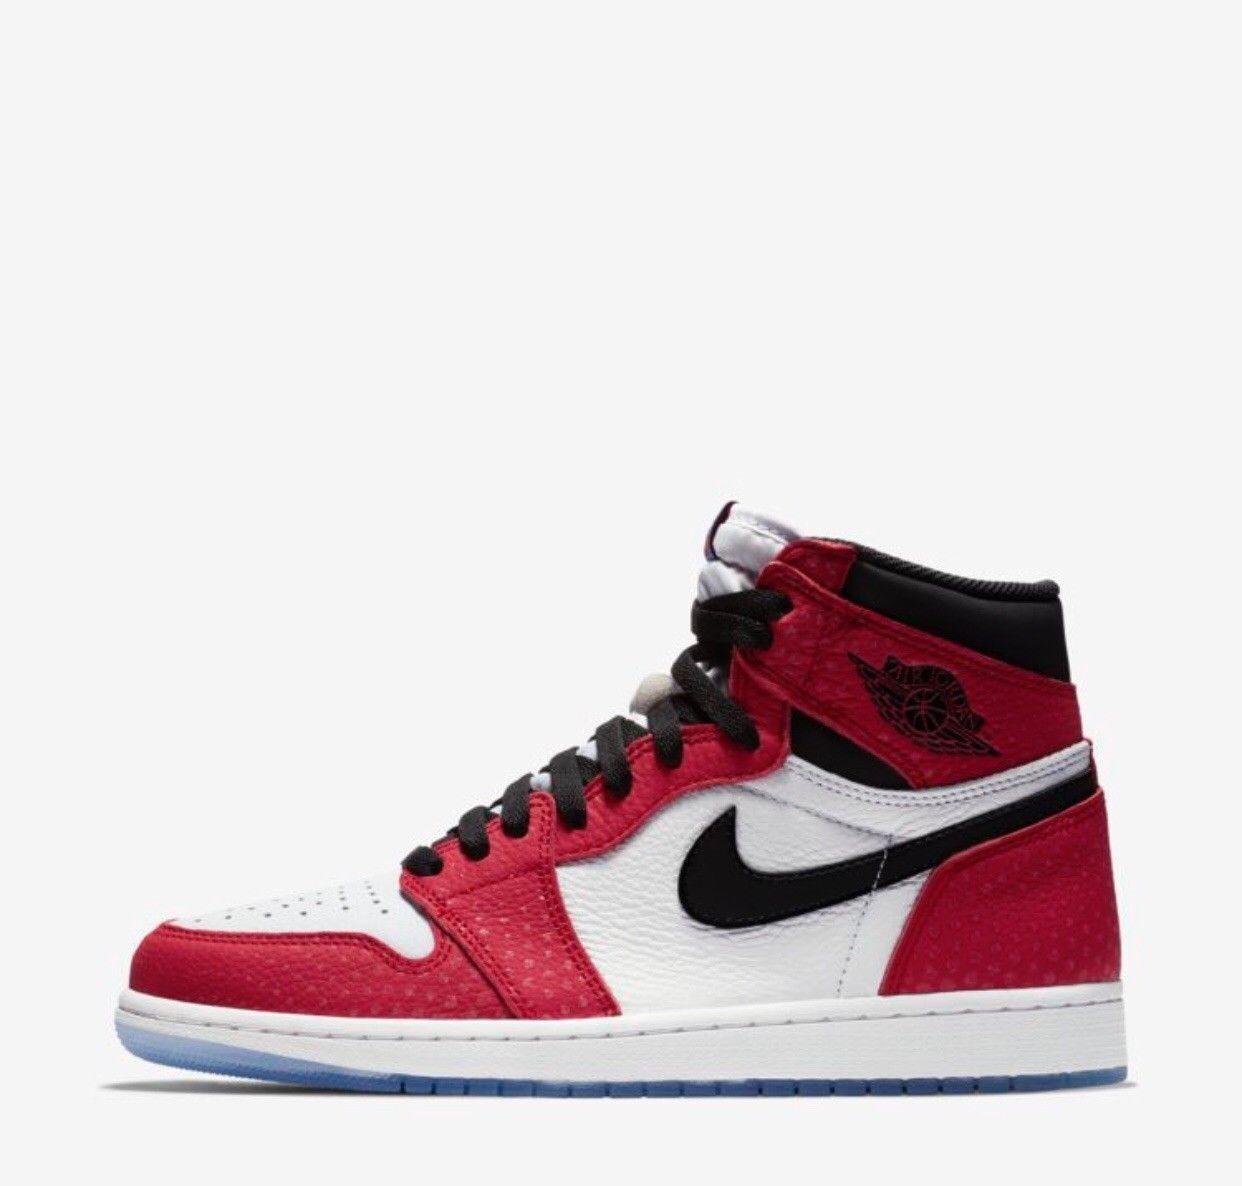 Nike Air Jordan 1 Spider man 555088 602 Air Max  sz 10.5